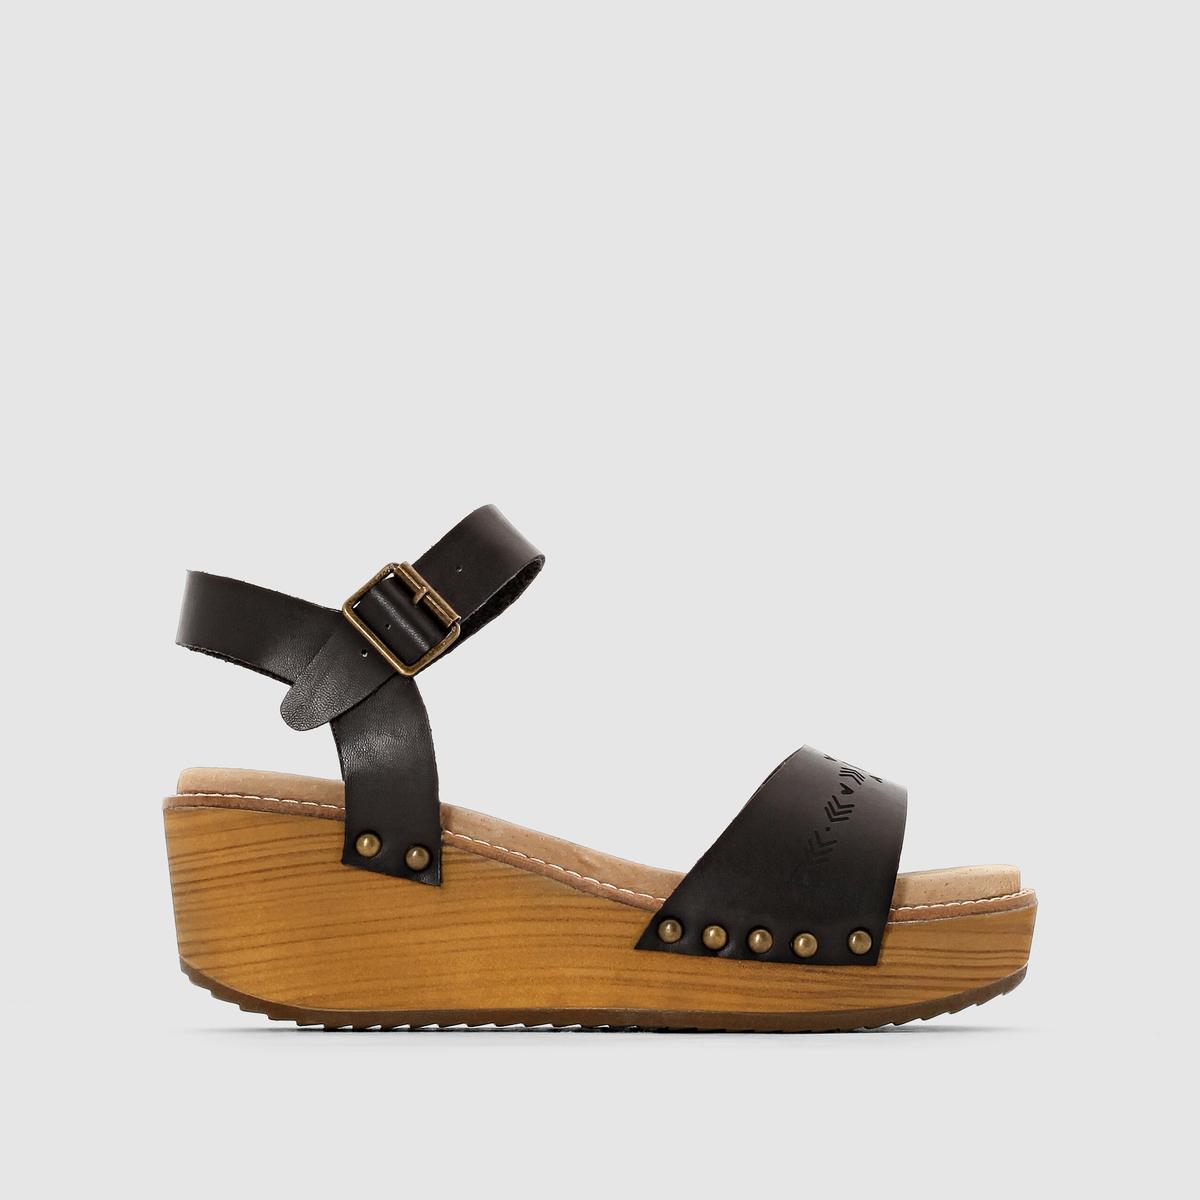 Босоножки на танкетке, ремешок вокруг щиколотки, CASIDIПрофессиональная команда стилистов работала целый год, чтобы представить нам классную и модную обувь : Воспользуемся возможностью с этими превосходными босоножками, созданными, чтобы наслаждаться жизнью... и модой !<br><br>Цвет: черный<br>Размер: 37